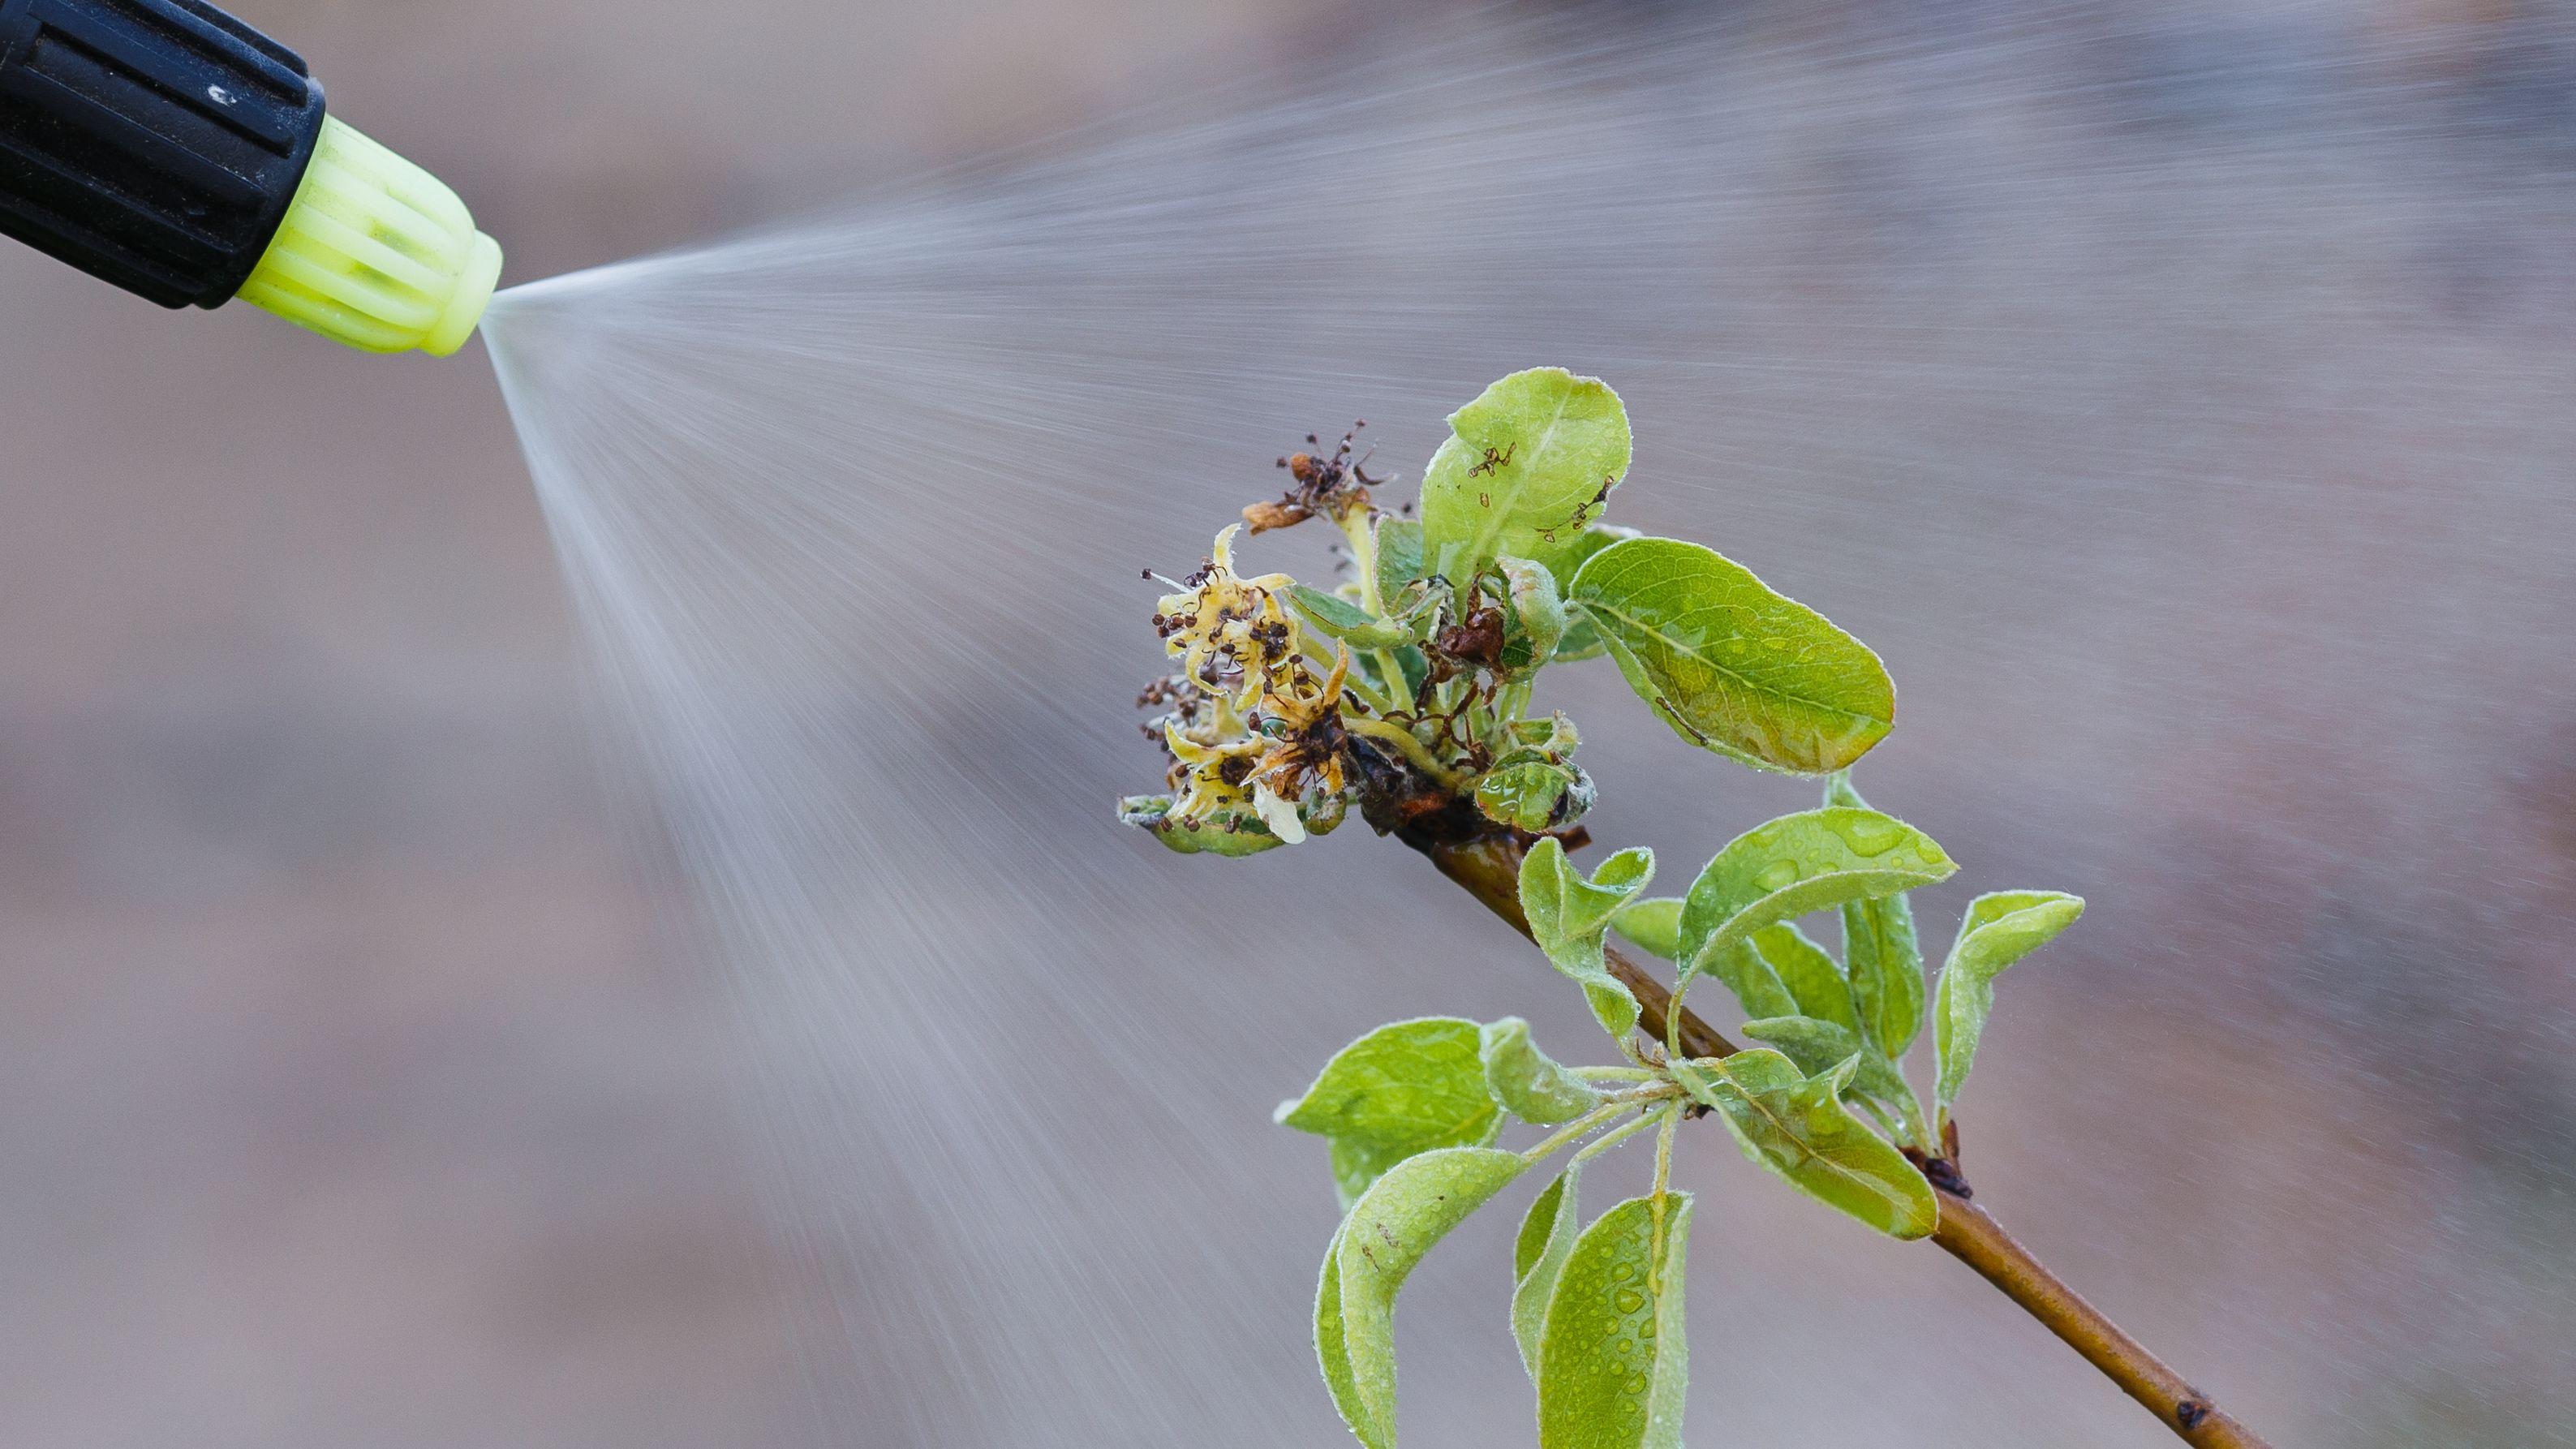 Insecticide et traitement pour plantes : les produits phytosanitaires